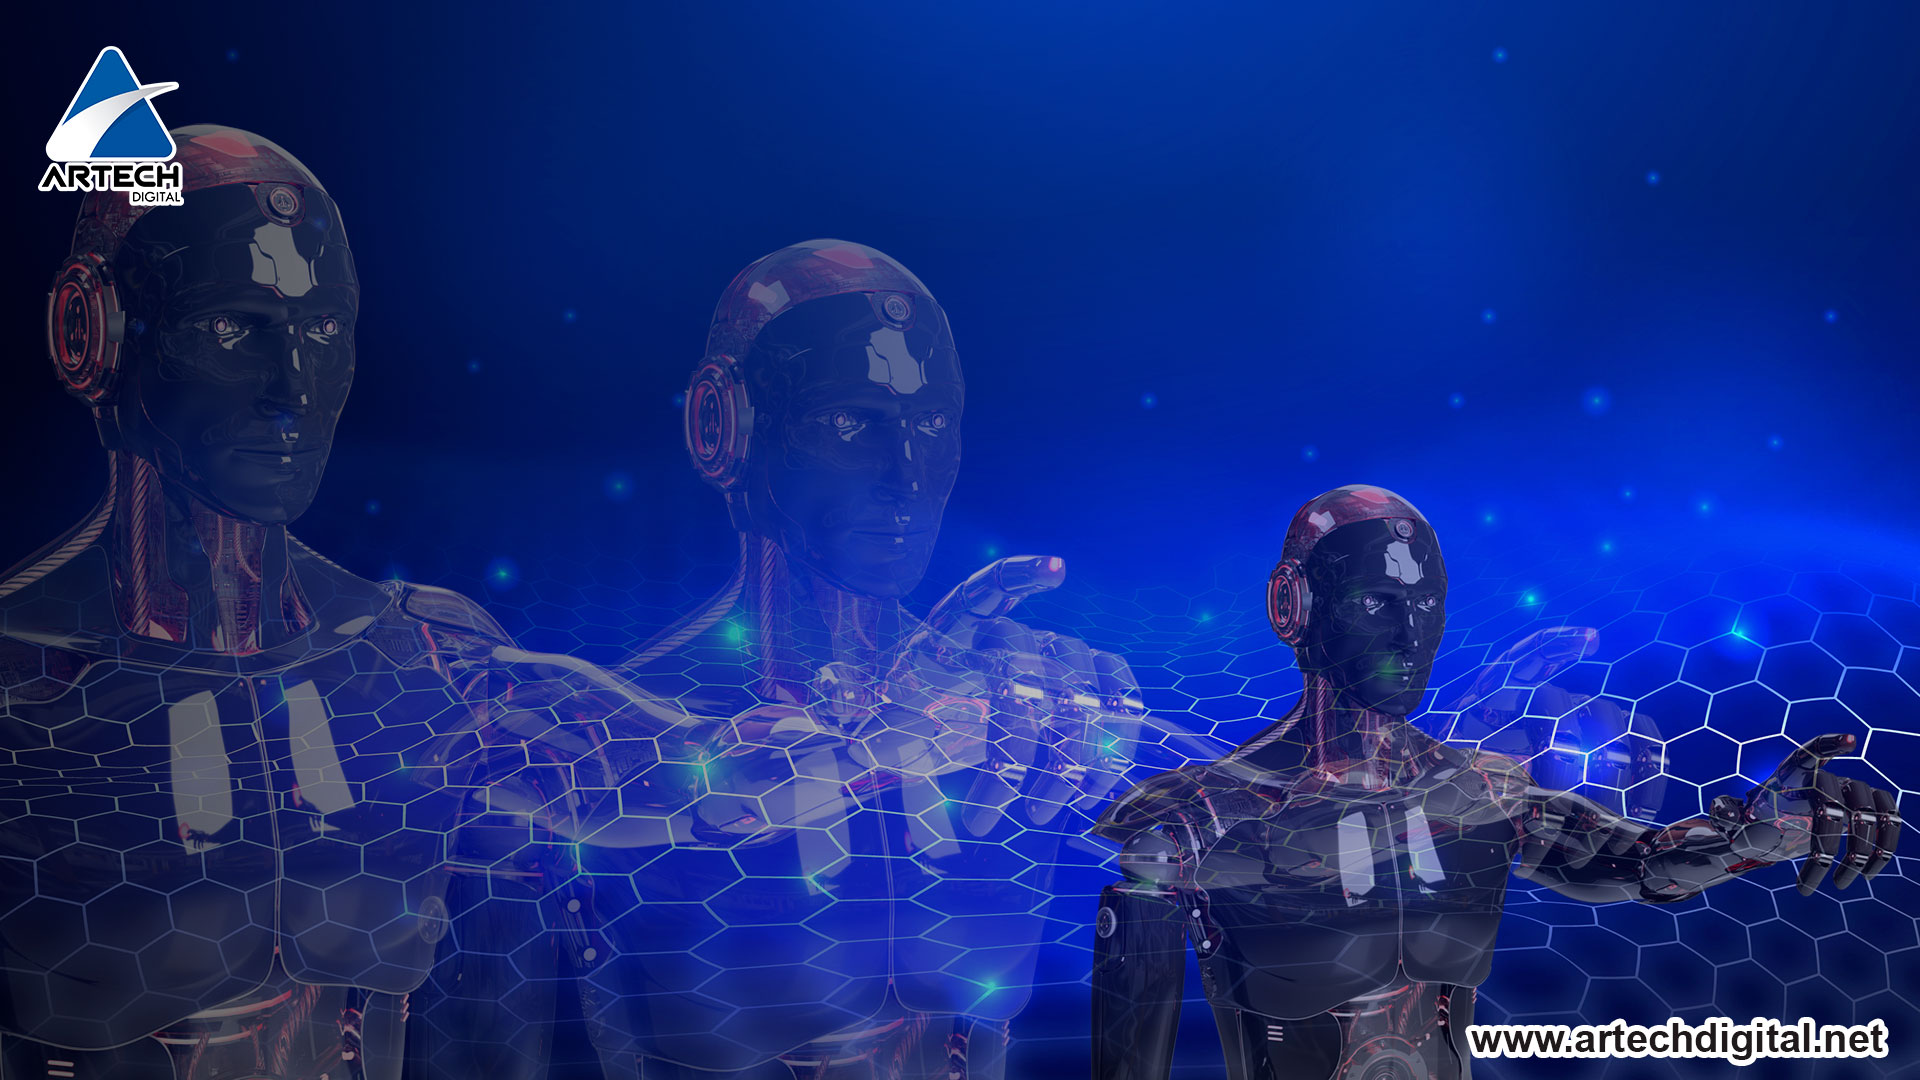 ¿Cómo hacer que la robótica sea invisible a los ojos humanos?